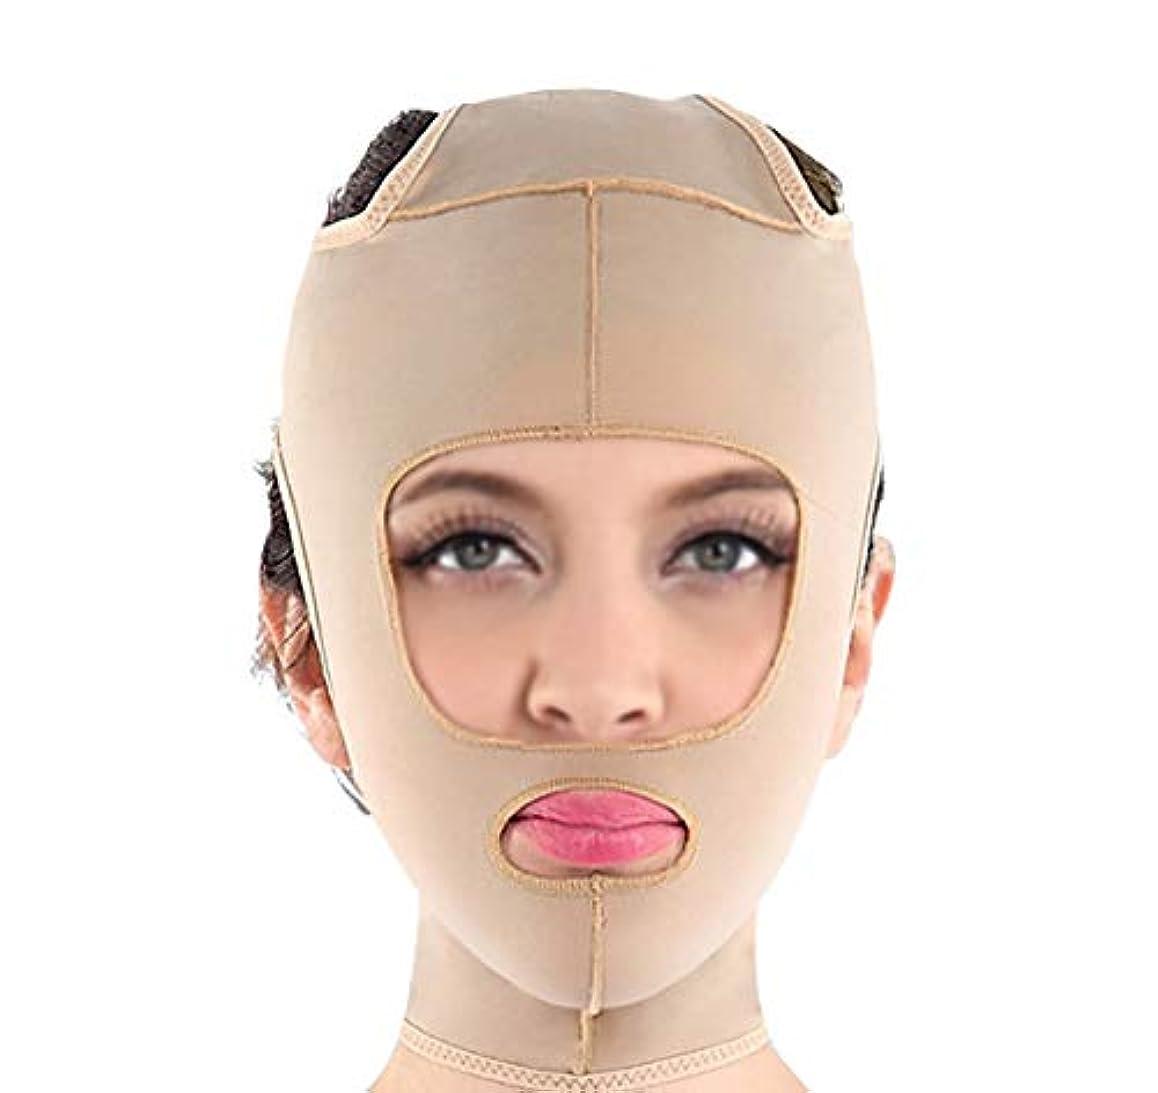 たぶん褒賞州包帯vフェイス楽器フェイスマスクマジックフェイスフェイシャルファーミングフェイシャルマッサージフェイシャルリンクルリフティング引き締めプラスチックマスク (Size : S)